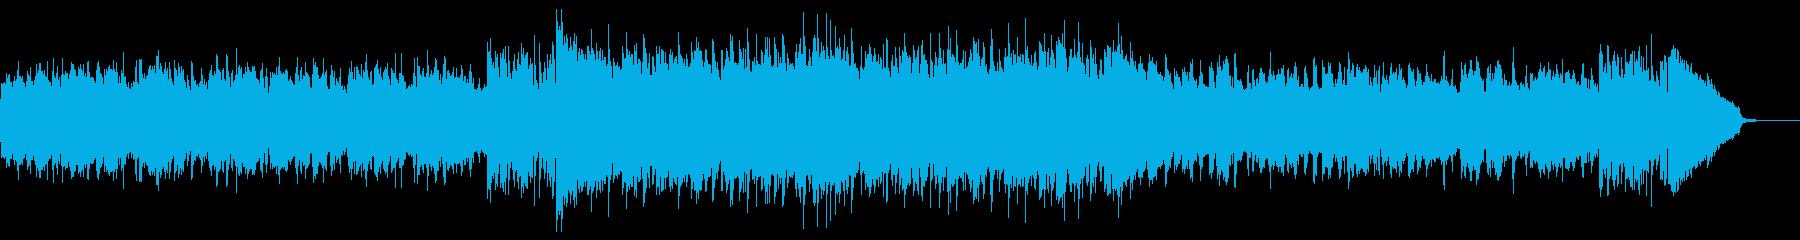 わくわくする夏のラジオCM用ディスコの再生済みの波形